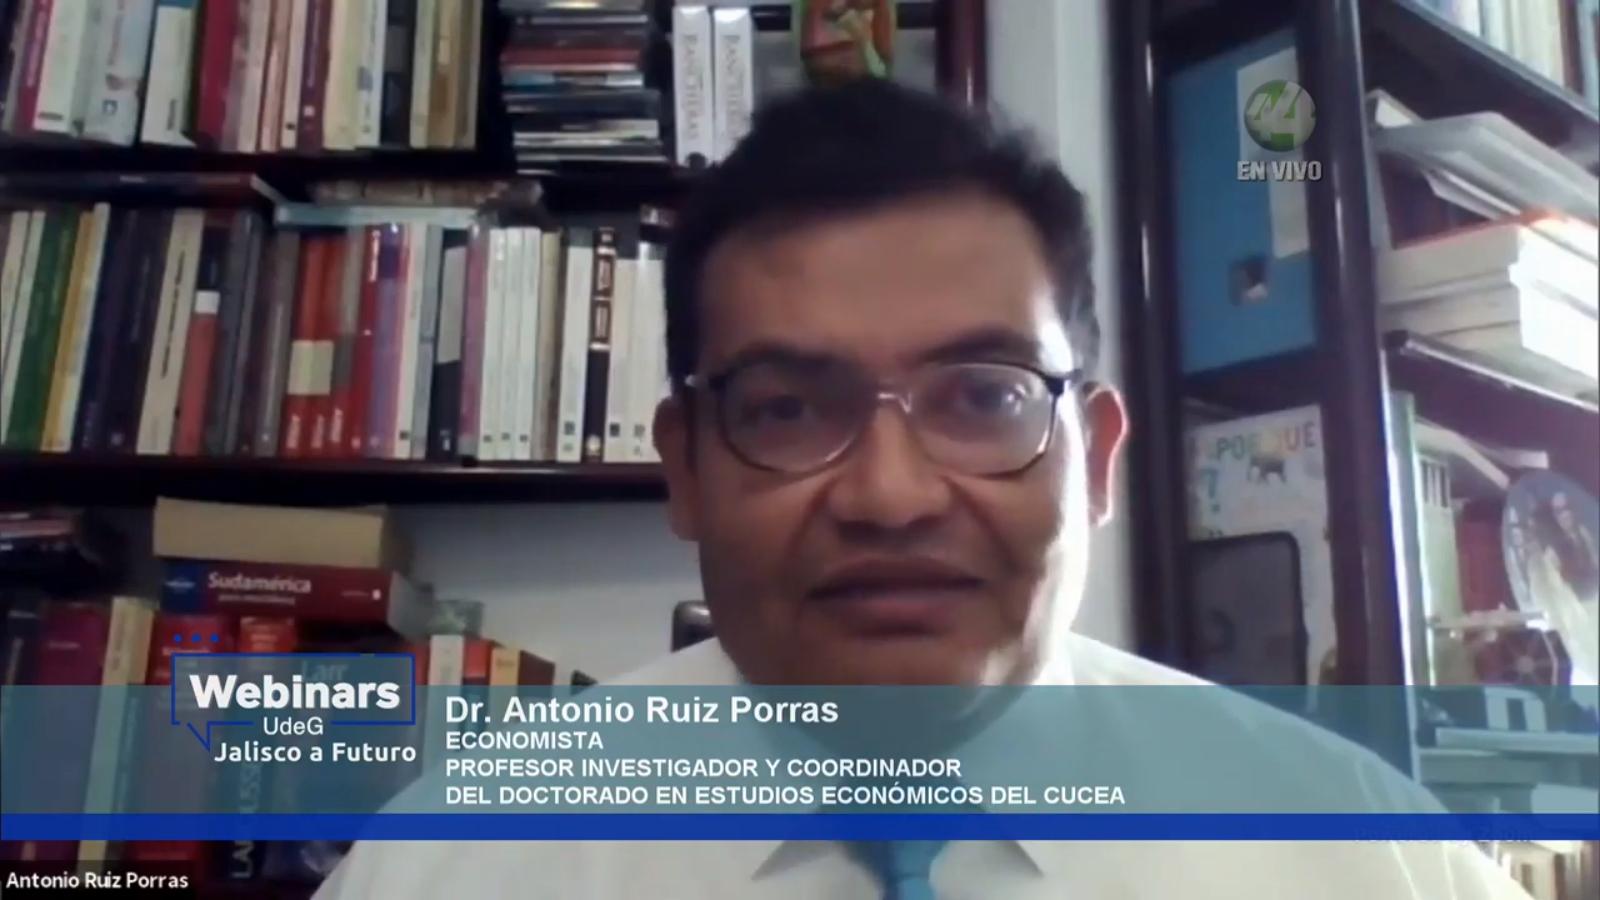 El Coordinador del doctorado en Estudios Económicos del CUCEA, doctor Antonio Ruiz Porras